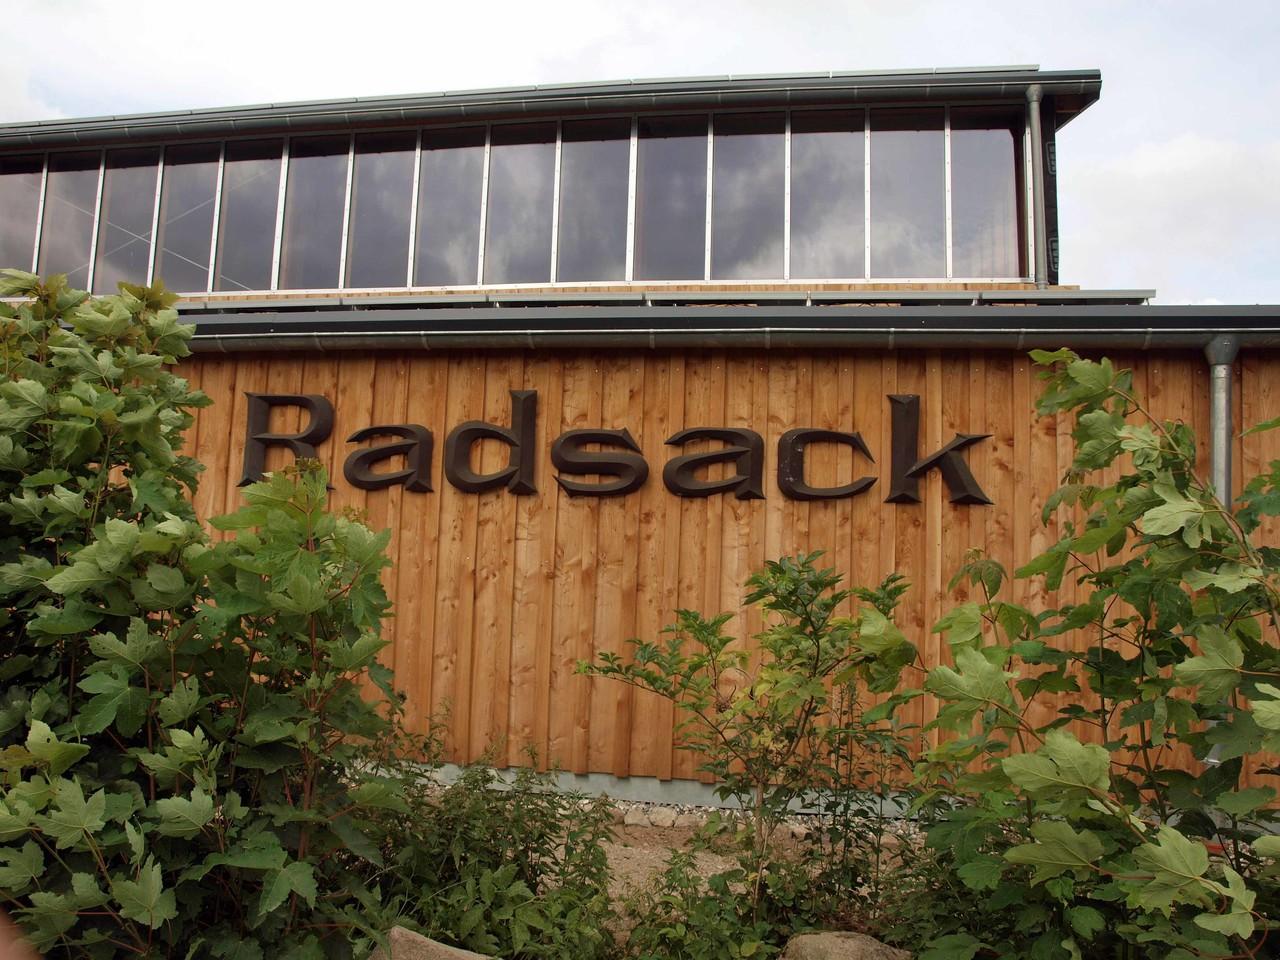 Radsack